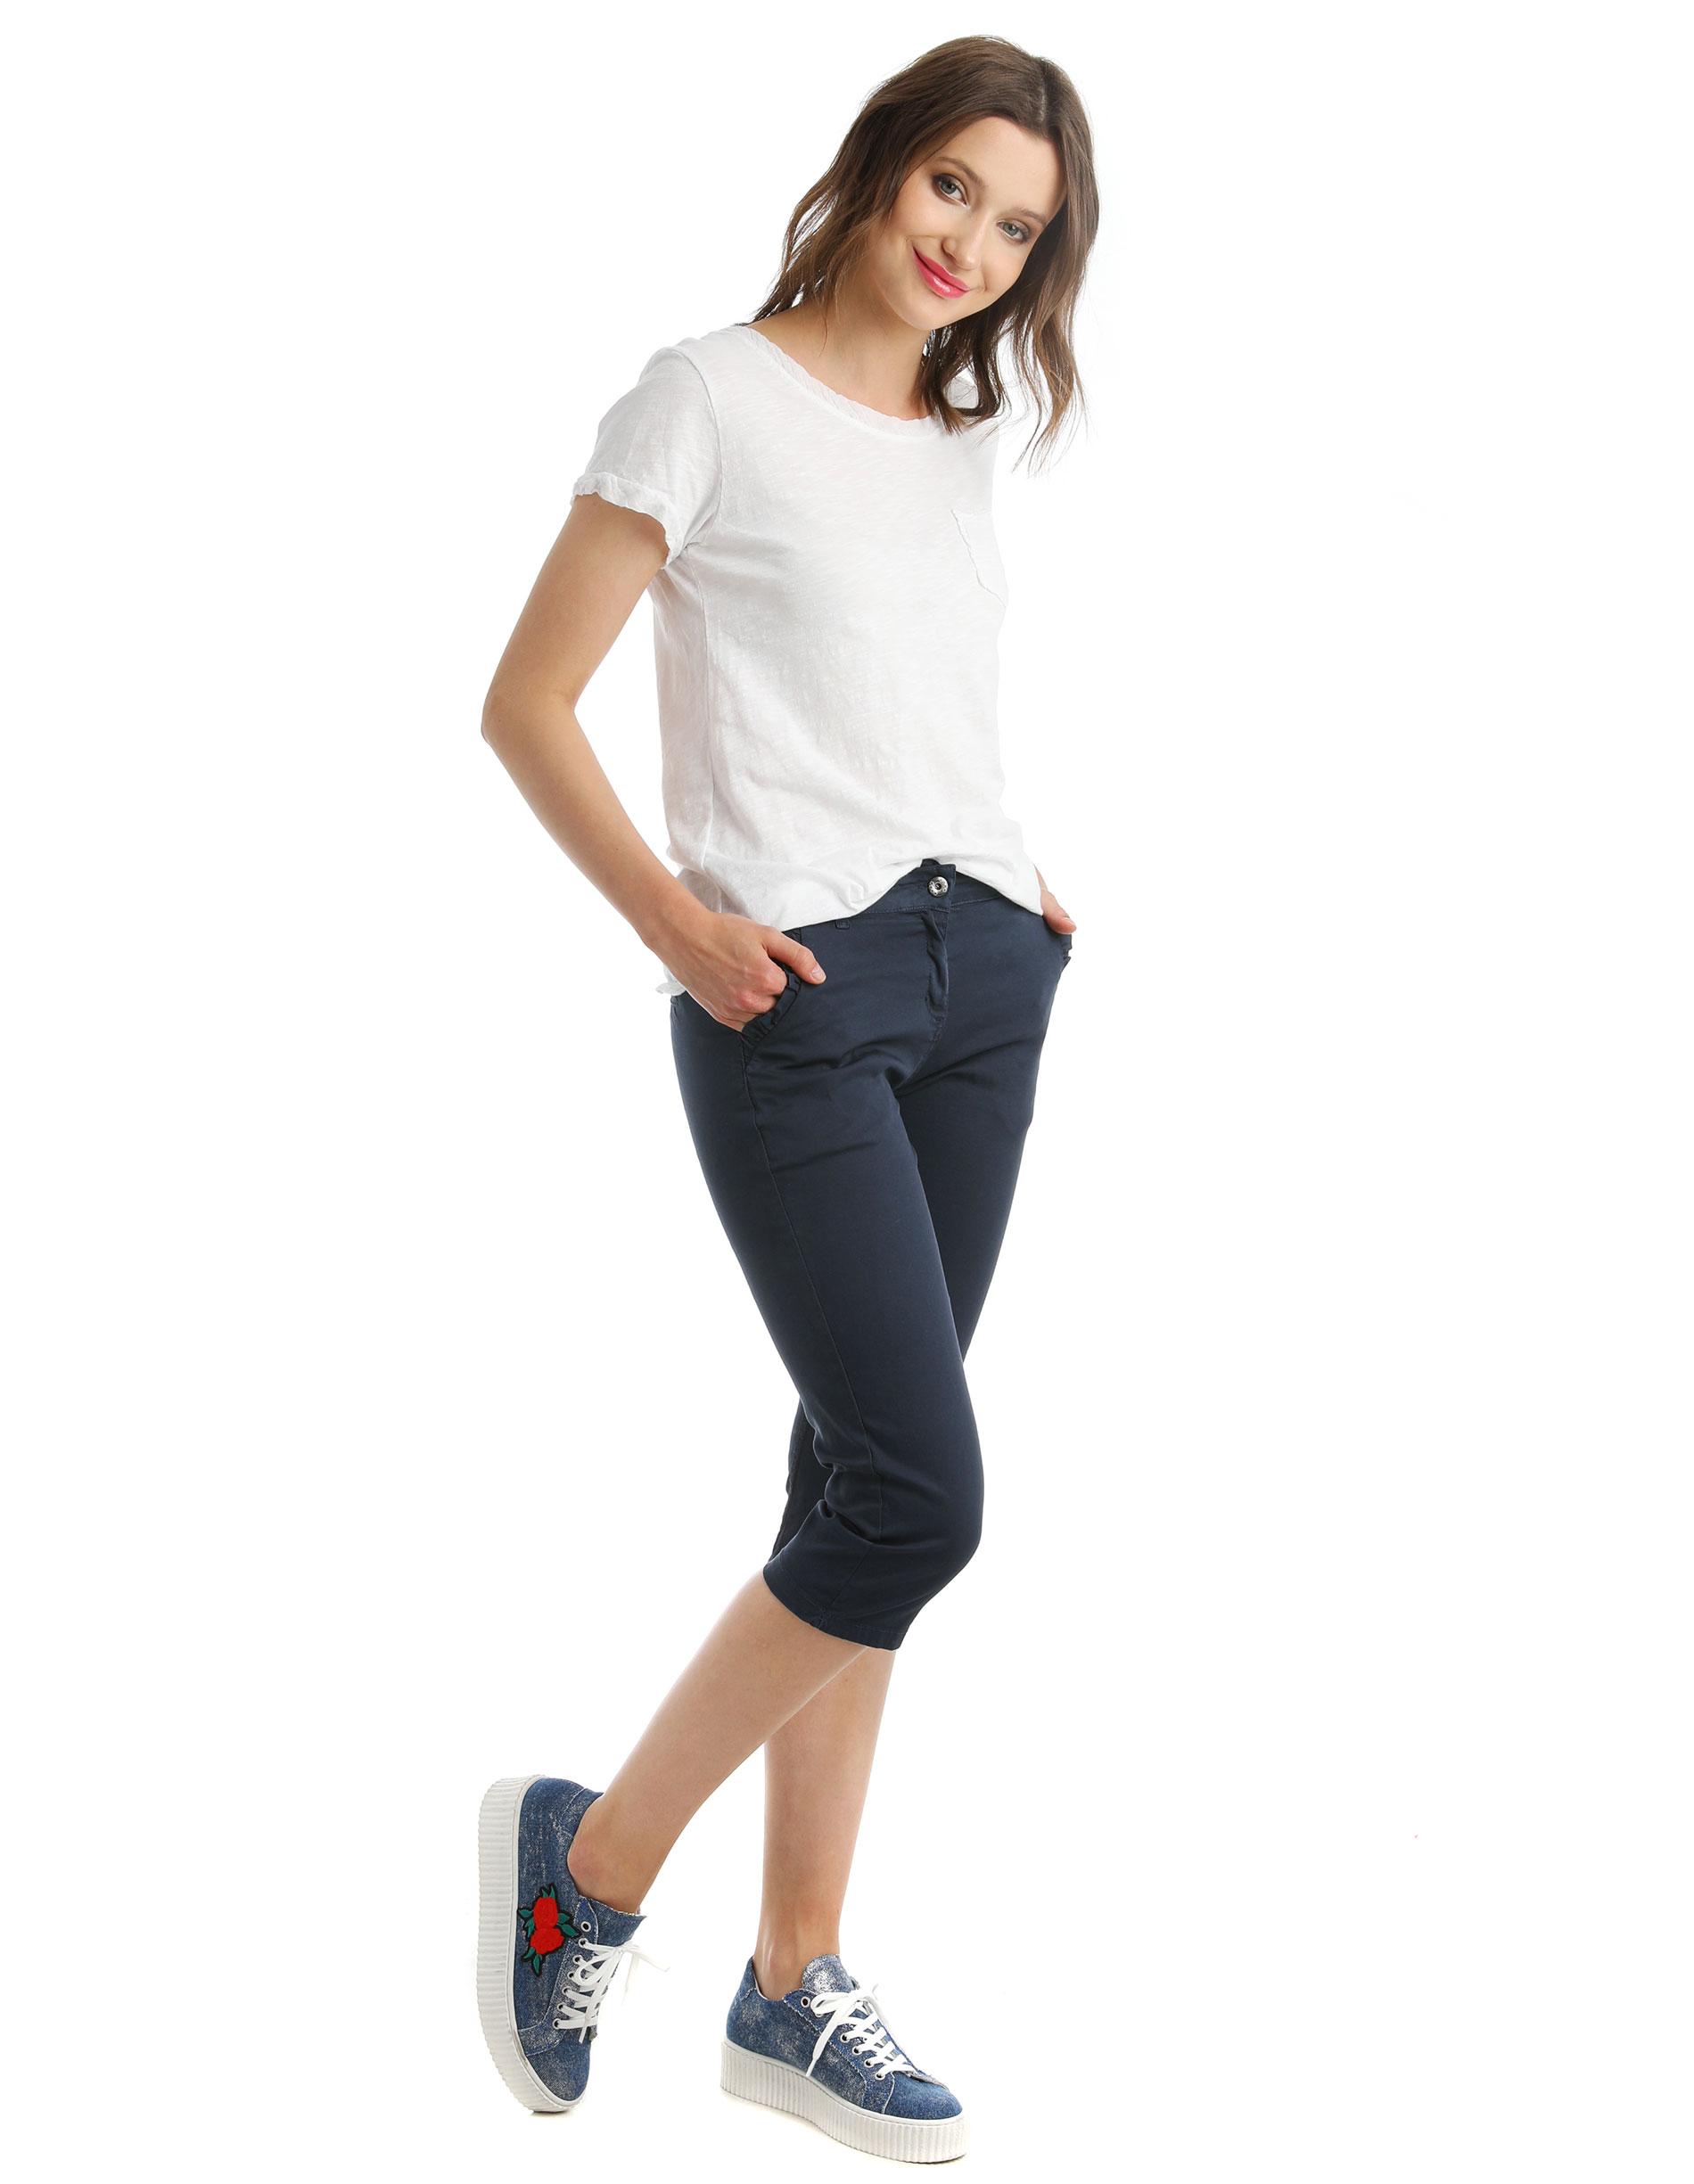 Spodnie - 146-178139 BL - Unisono